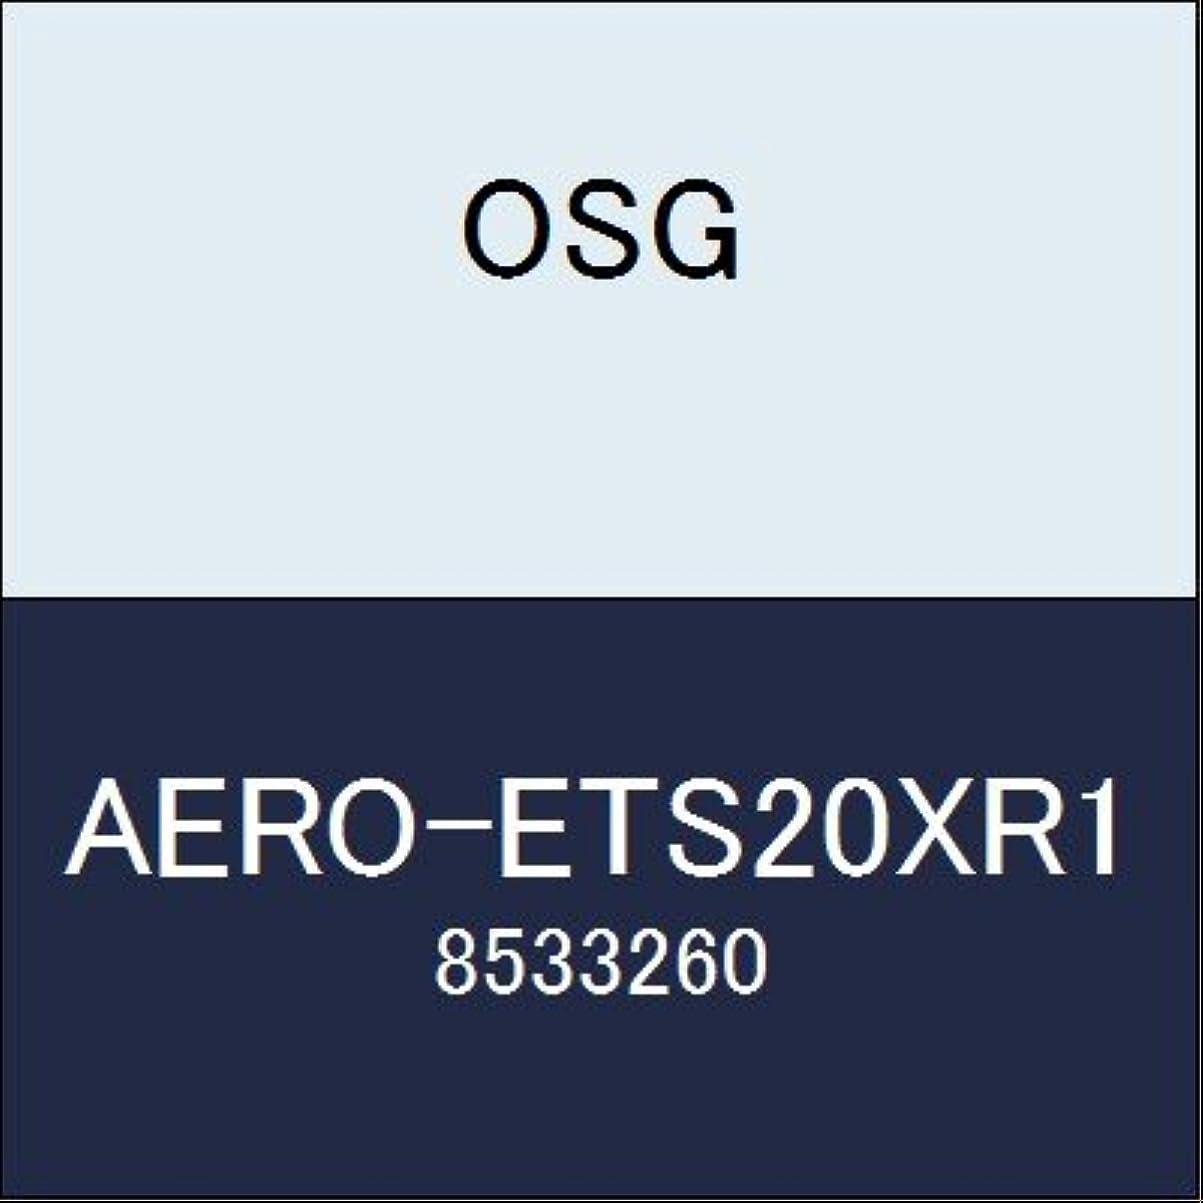 衣類ポータブル教OSG エンドミル AERO-ETS20XR1 商品番号 8533260